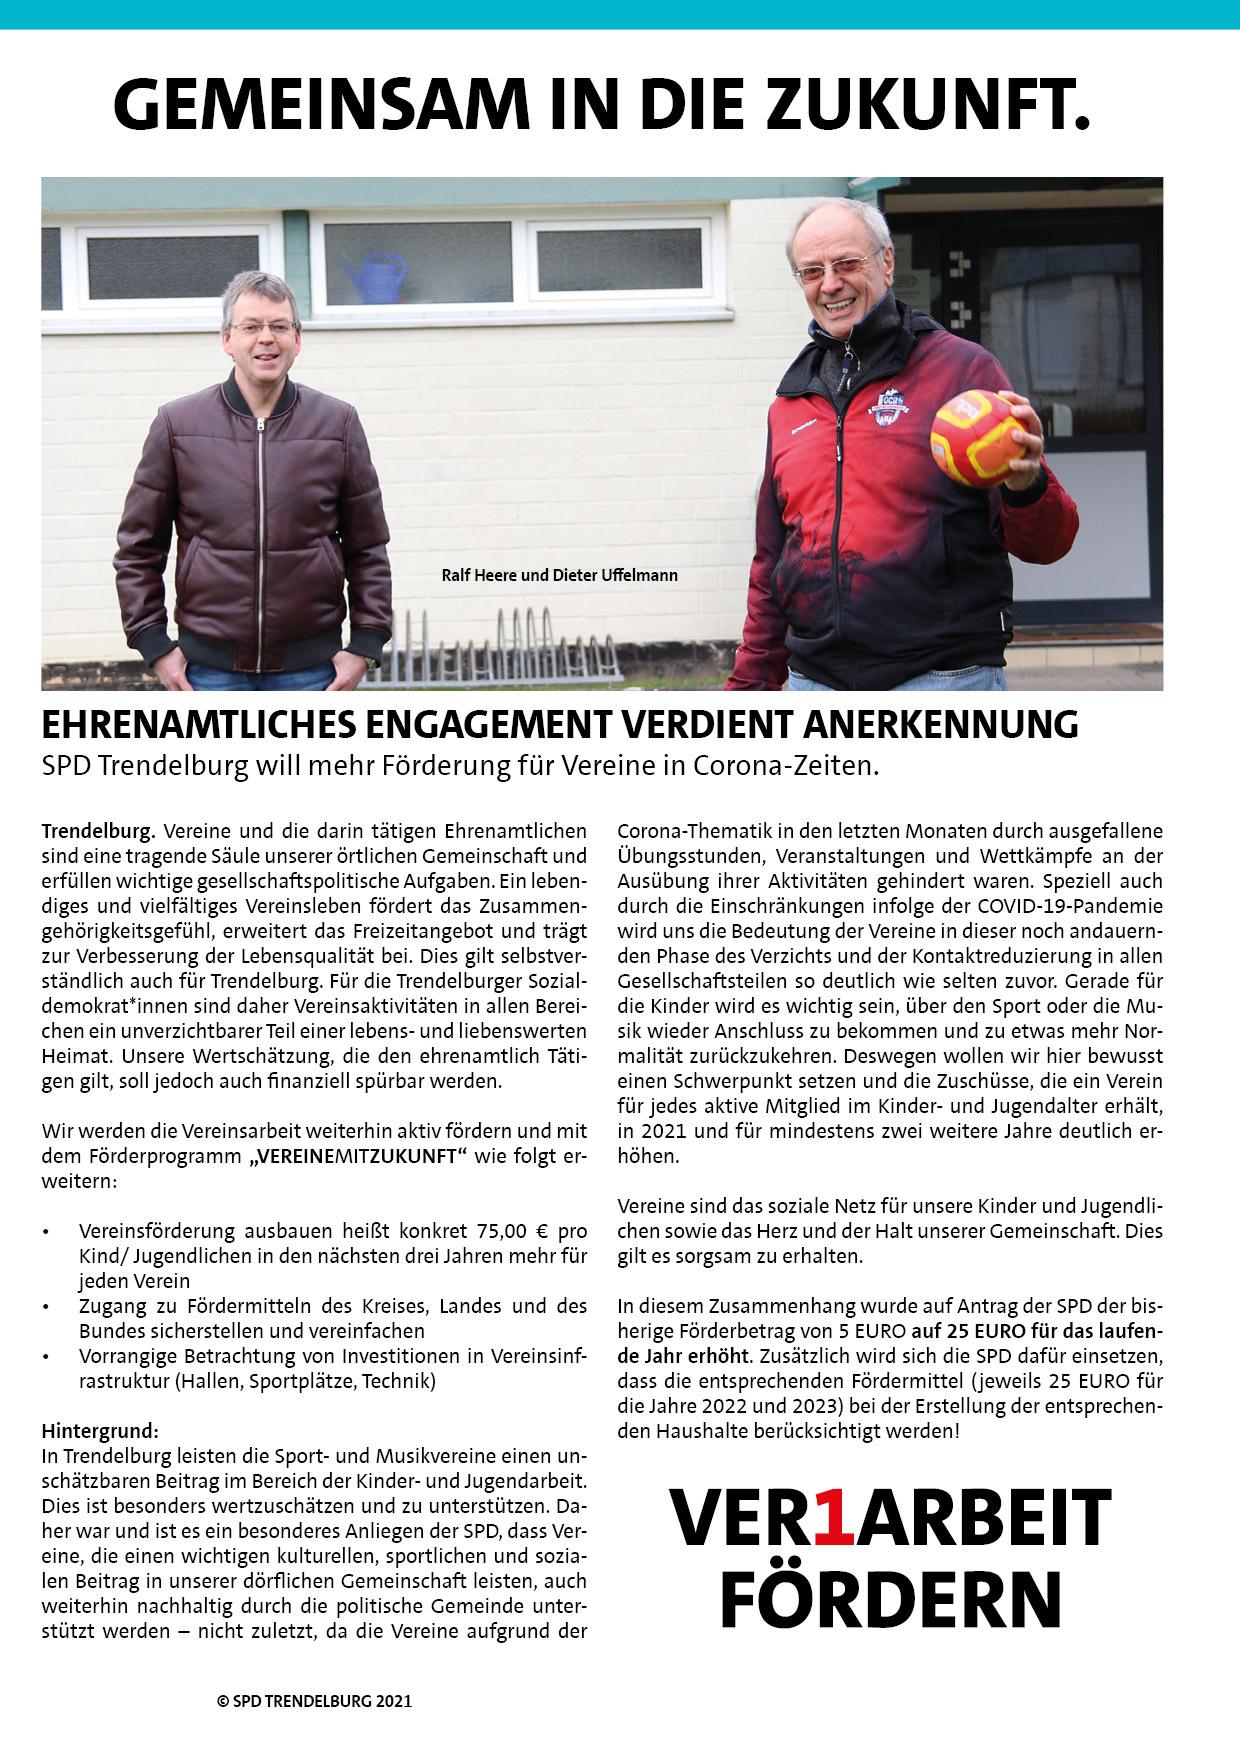 Vereinsarbeit in Trendelburg